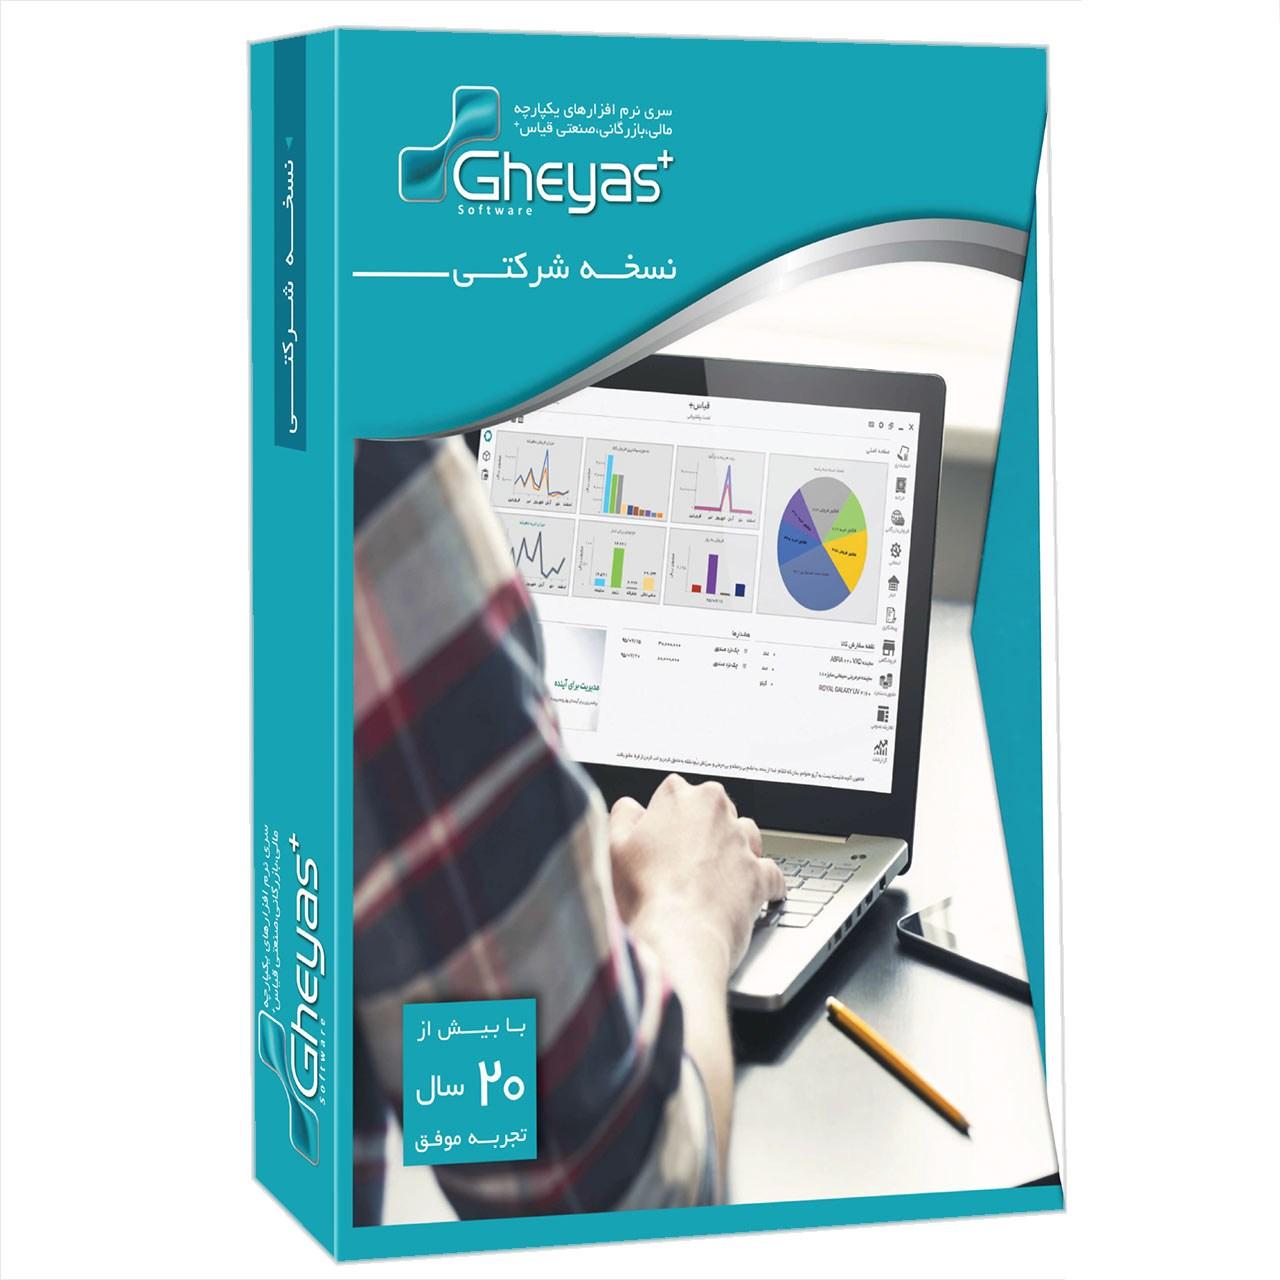 نرم افزار حسابداری شرکتی قیاس پلاس نسخه خدماتی